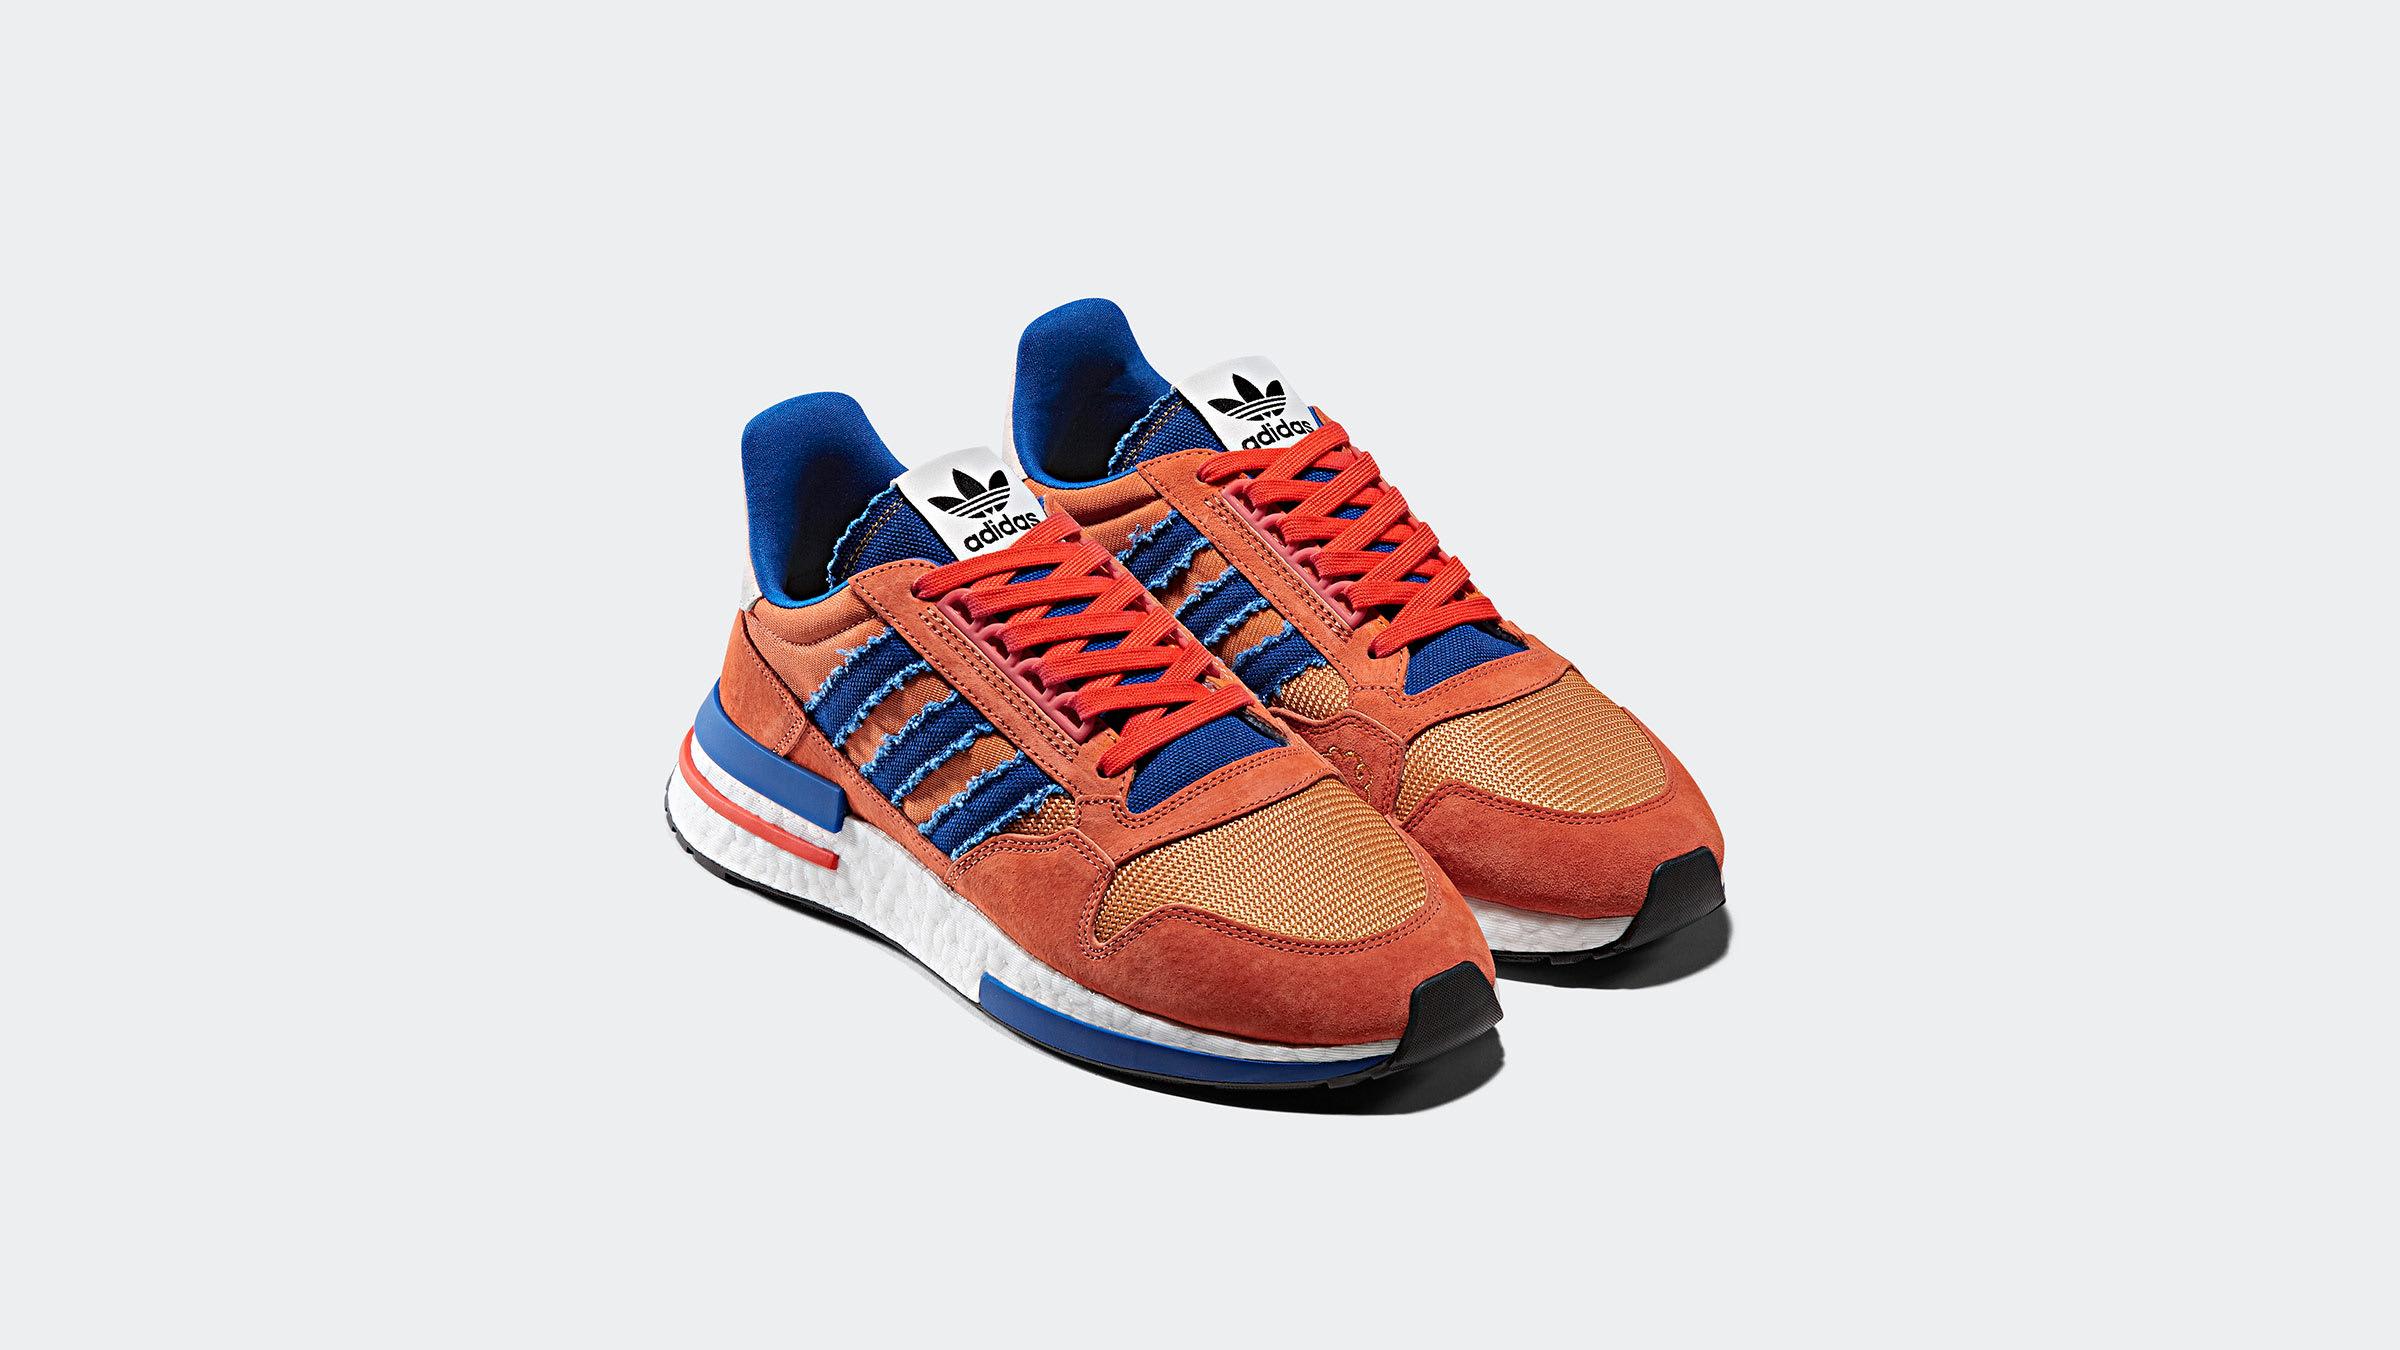 b1a01fa385abe Adidas x Dragonball ZX 500 RM  Son Goku  (Orange